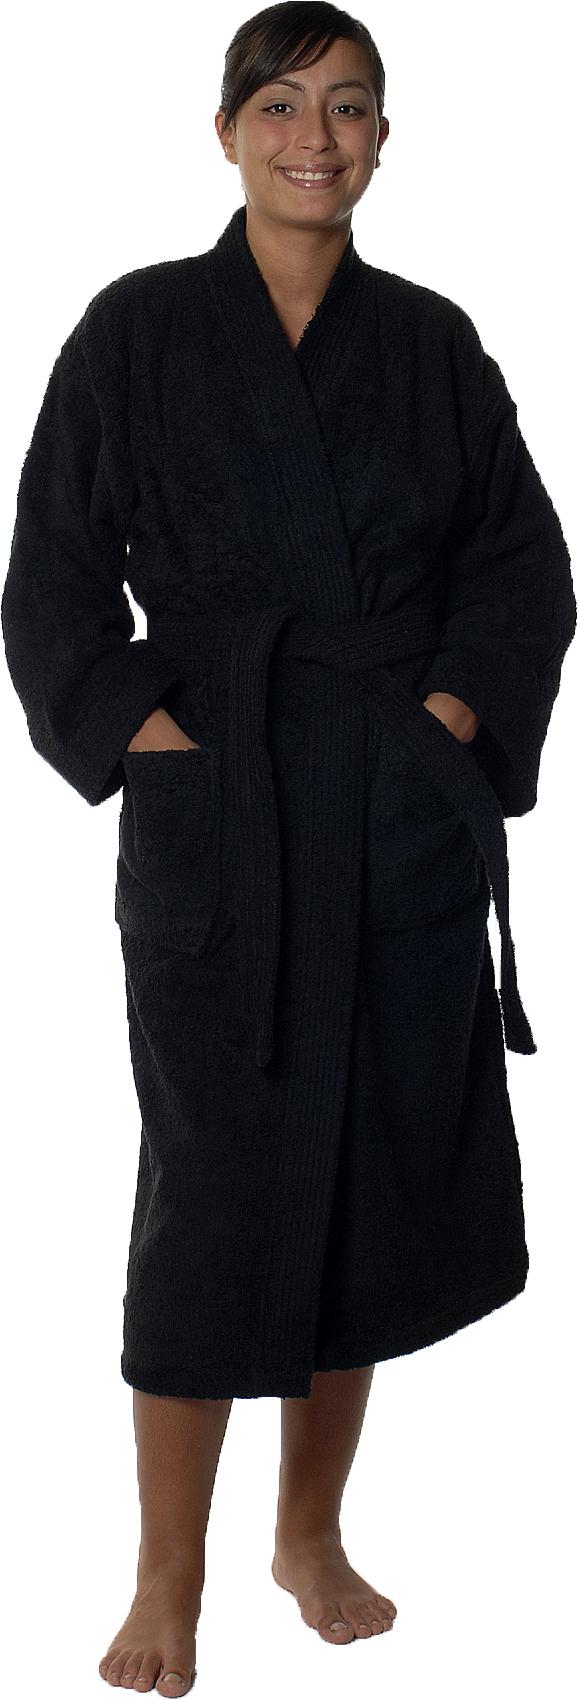 Peignoir col kimono en Coton couleur Noir Taille M (Noir)